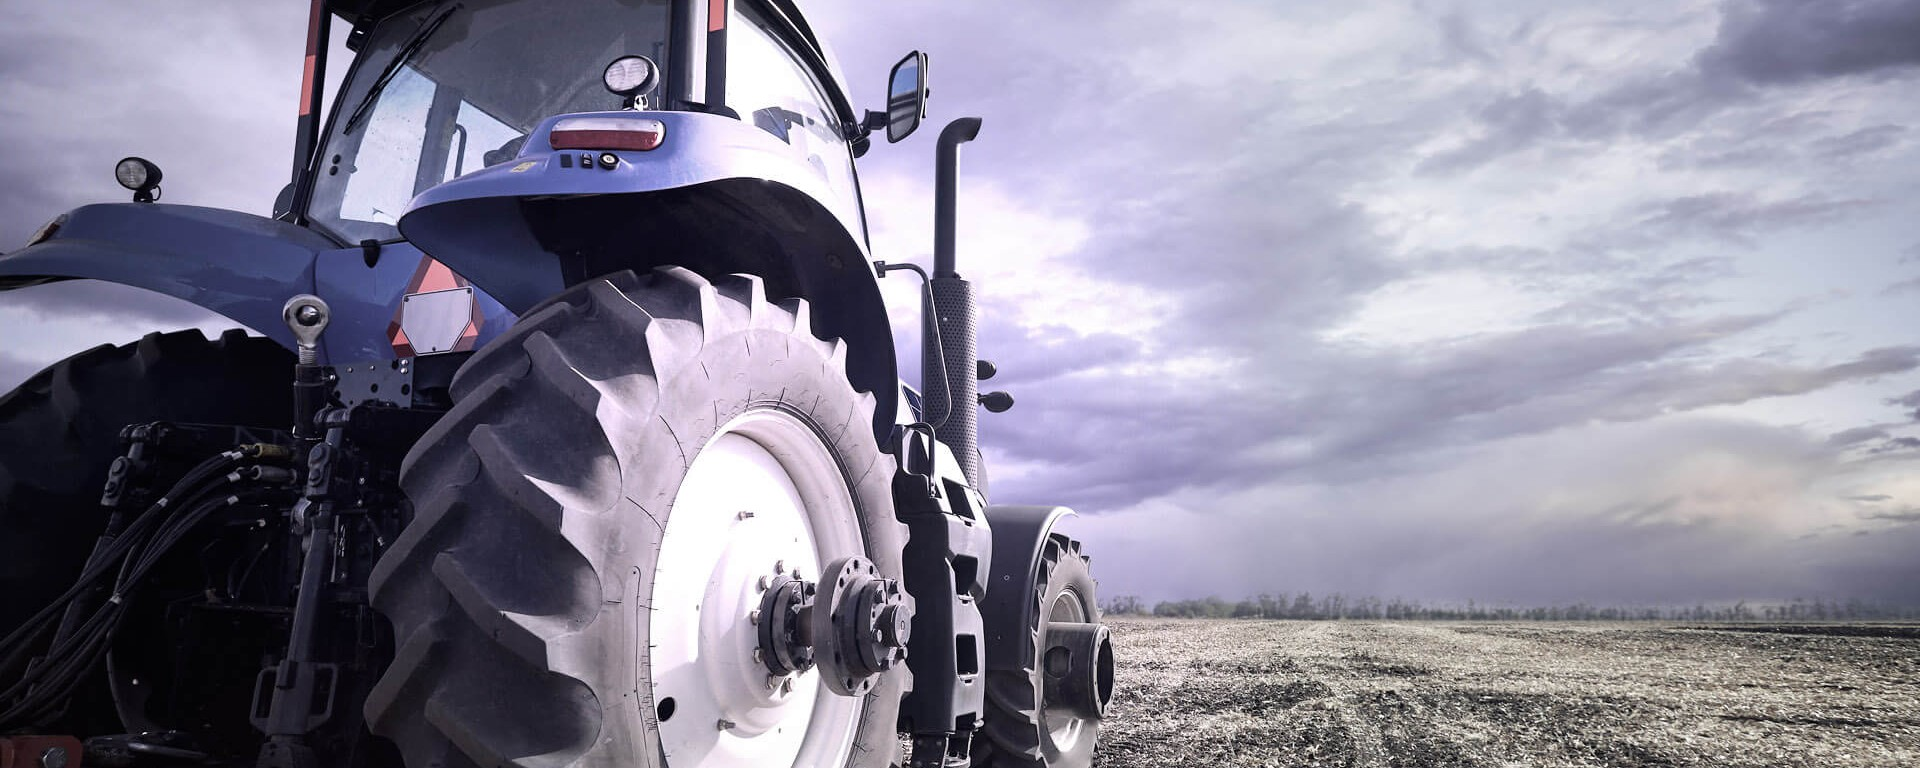 Kabinenbau von Welser - Spezialprofile für Baumaschinen, Flurförderfahrzeuge und Landmaschinen